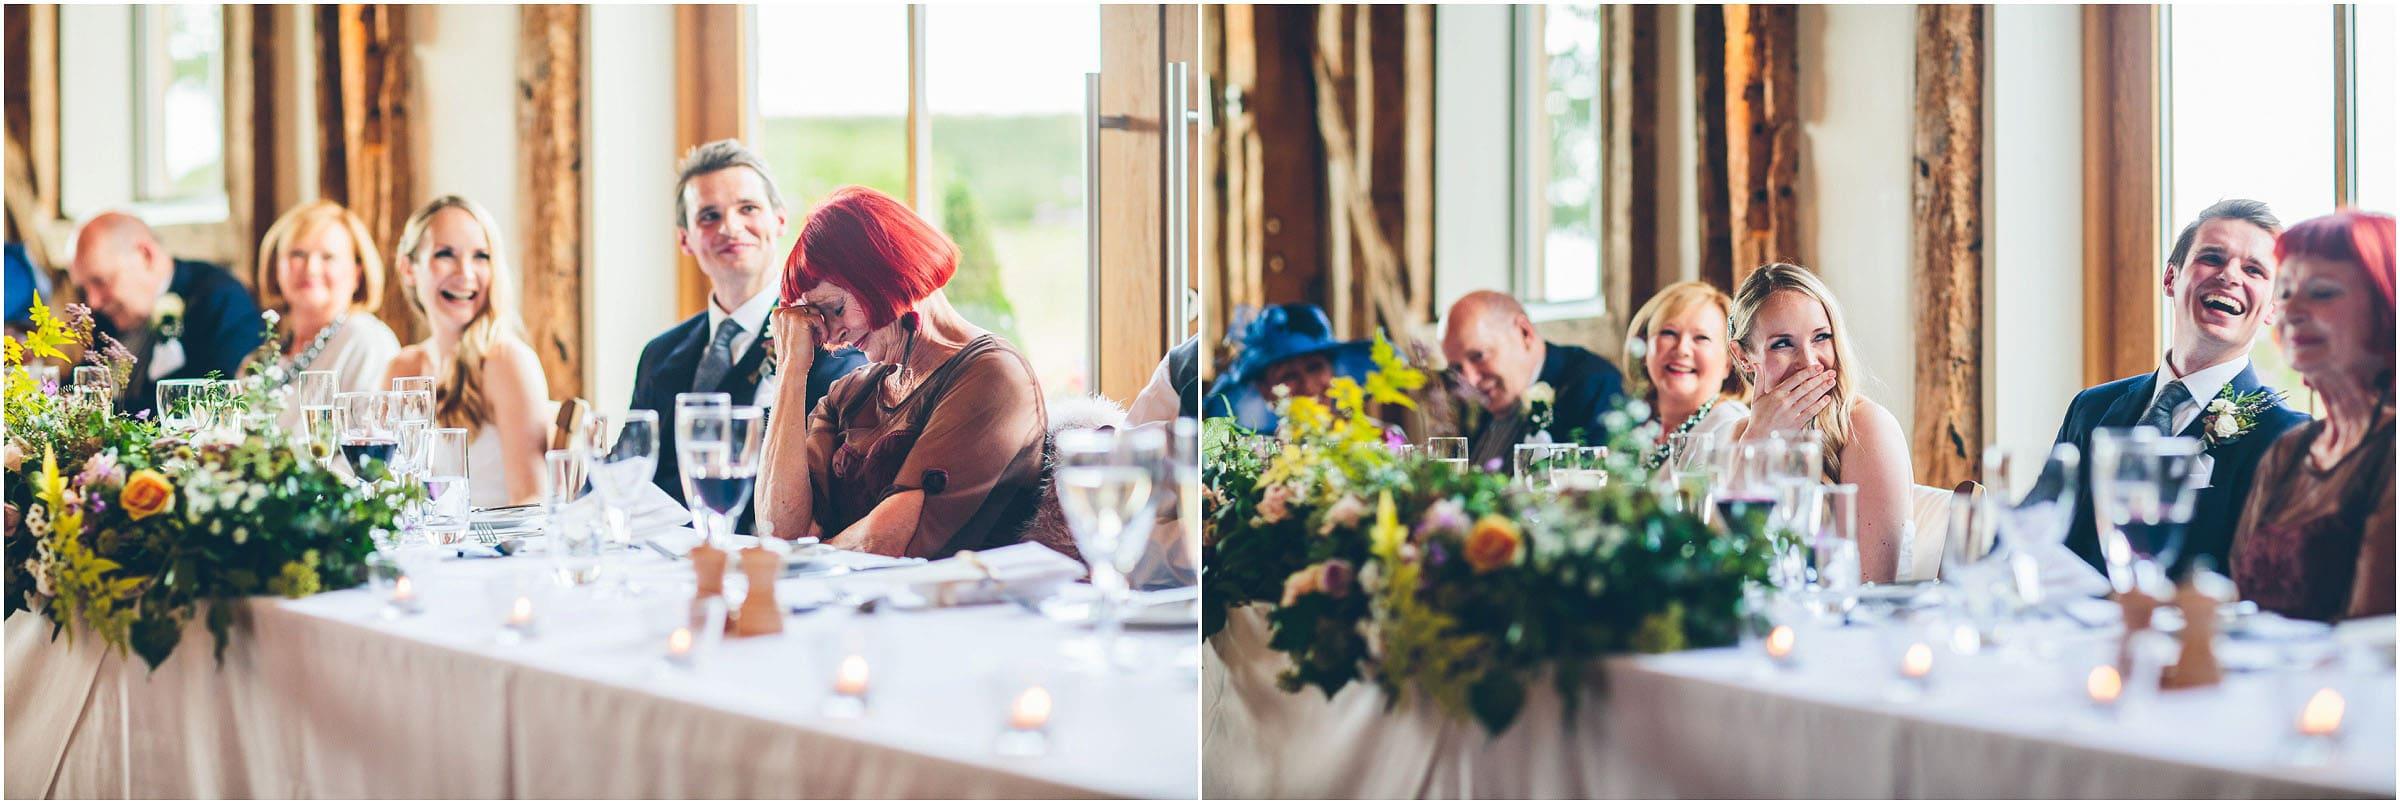 easton_grange_wedding_photography_0093